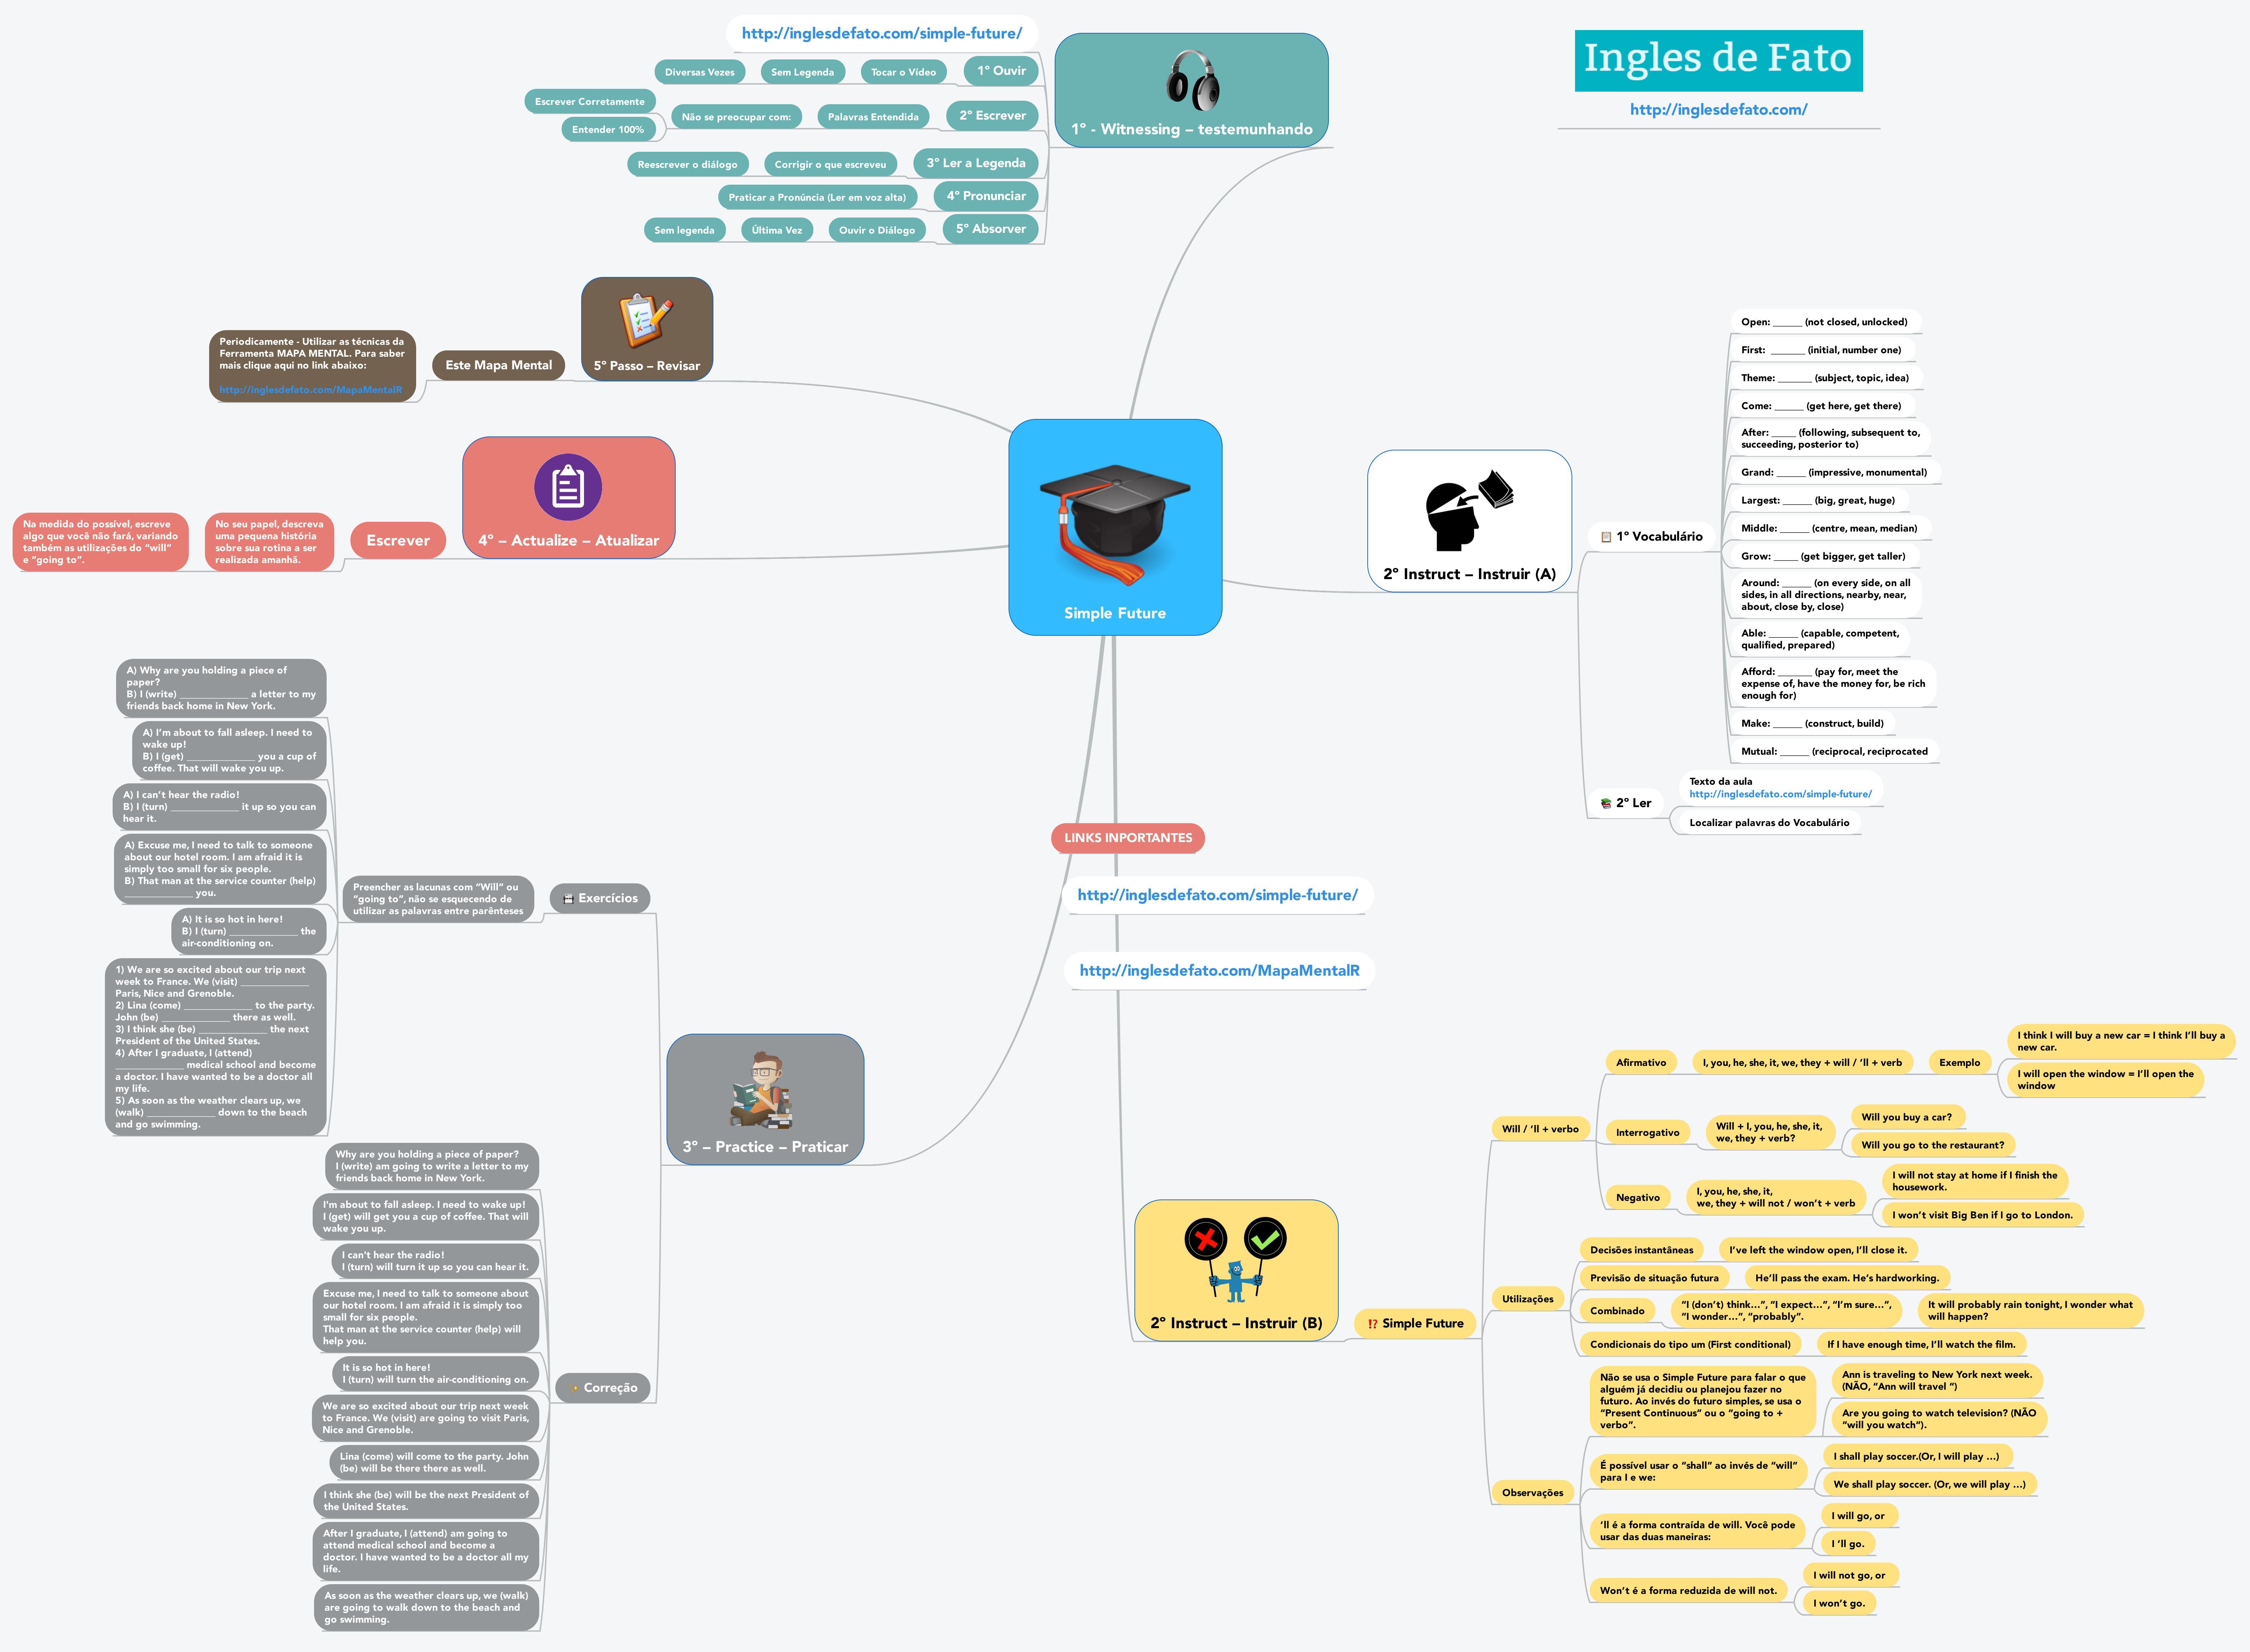 Aprender Ingles - Mapa Mental do Simple Future - CLIQUE NA IMAGEM PARA AUMENTAR O TAMANHO